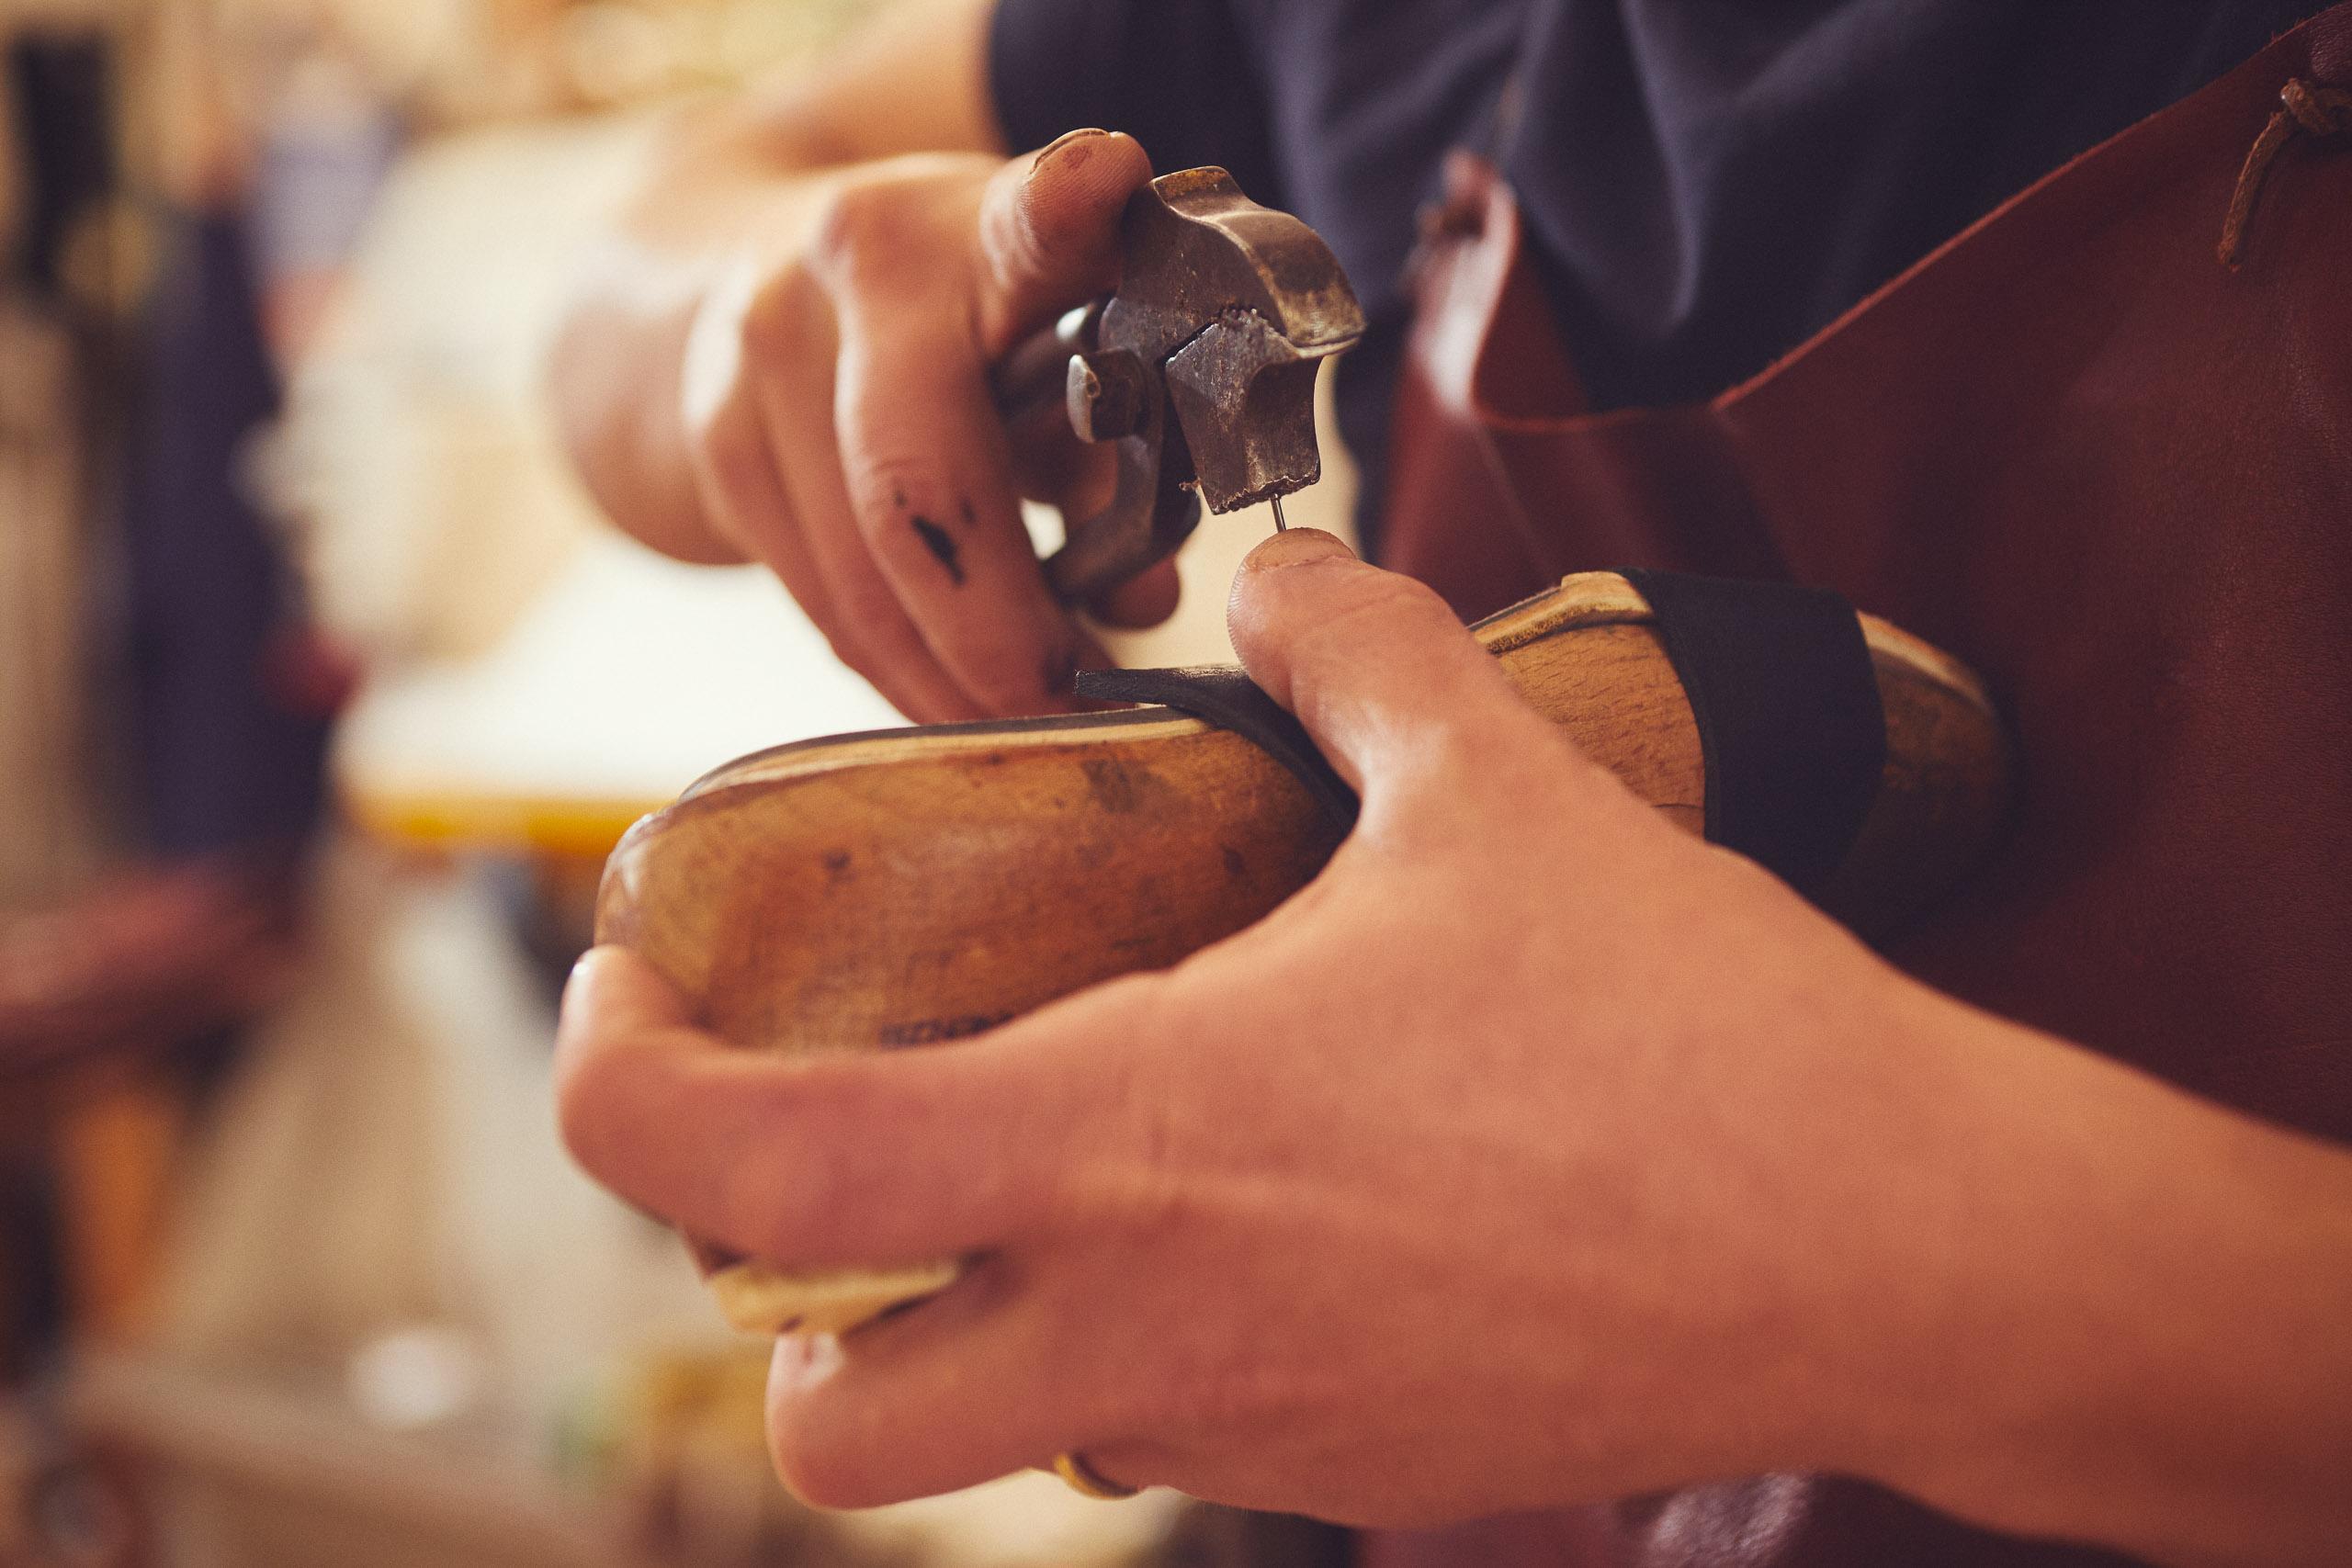 La Bottega del Cuoio - Articity - Perugia, Umbria